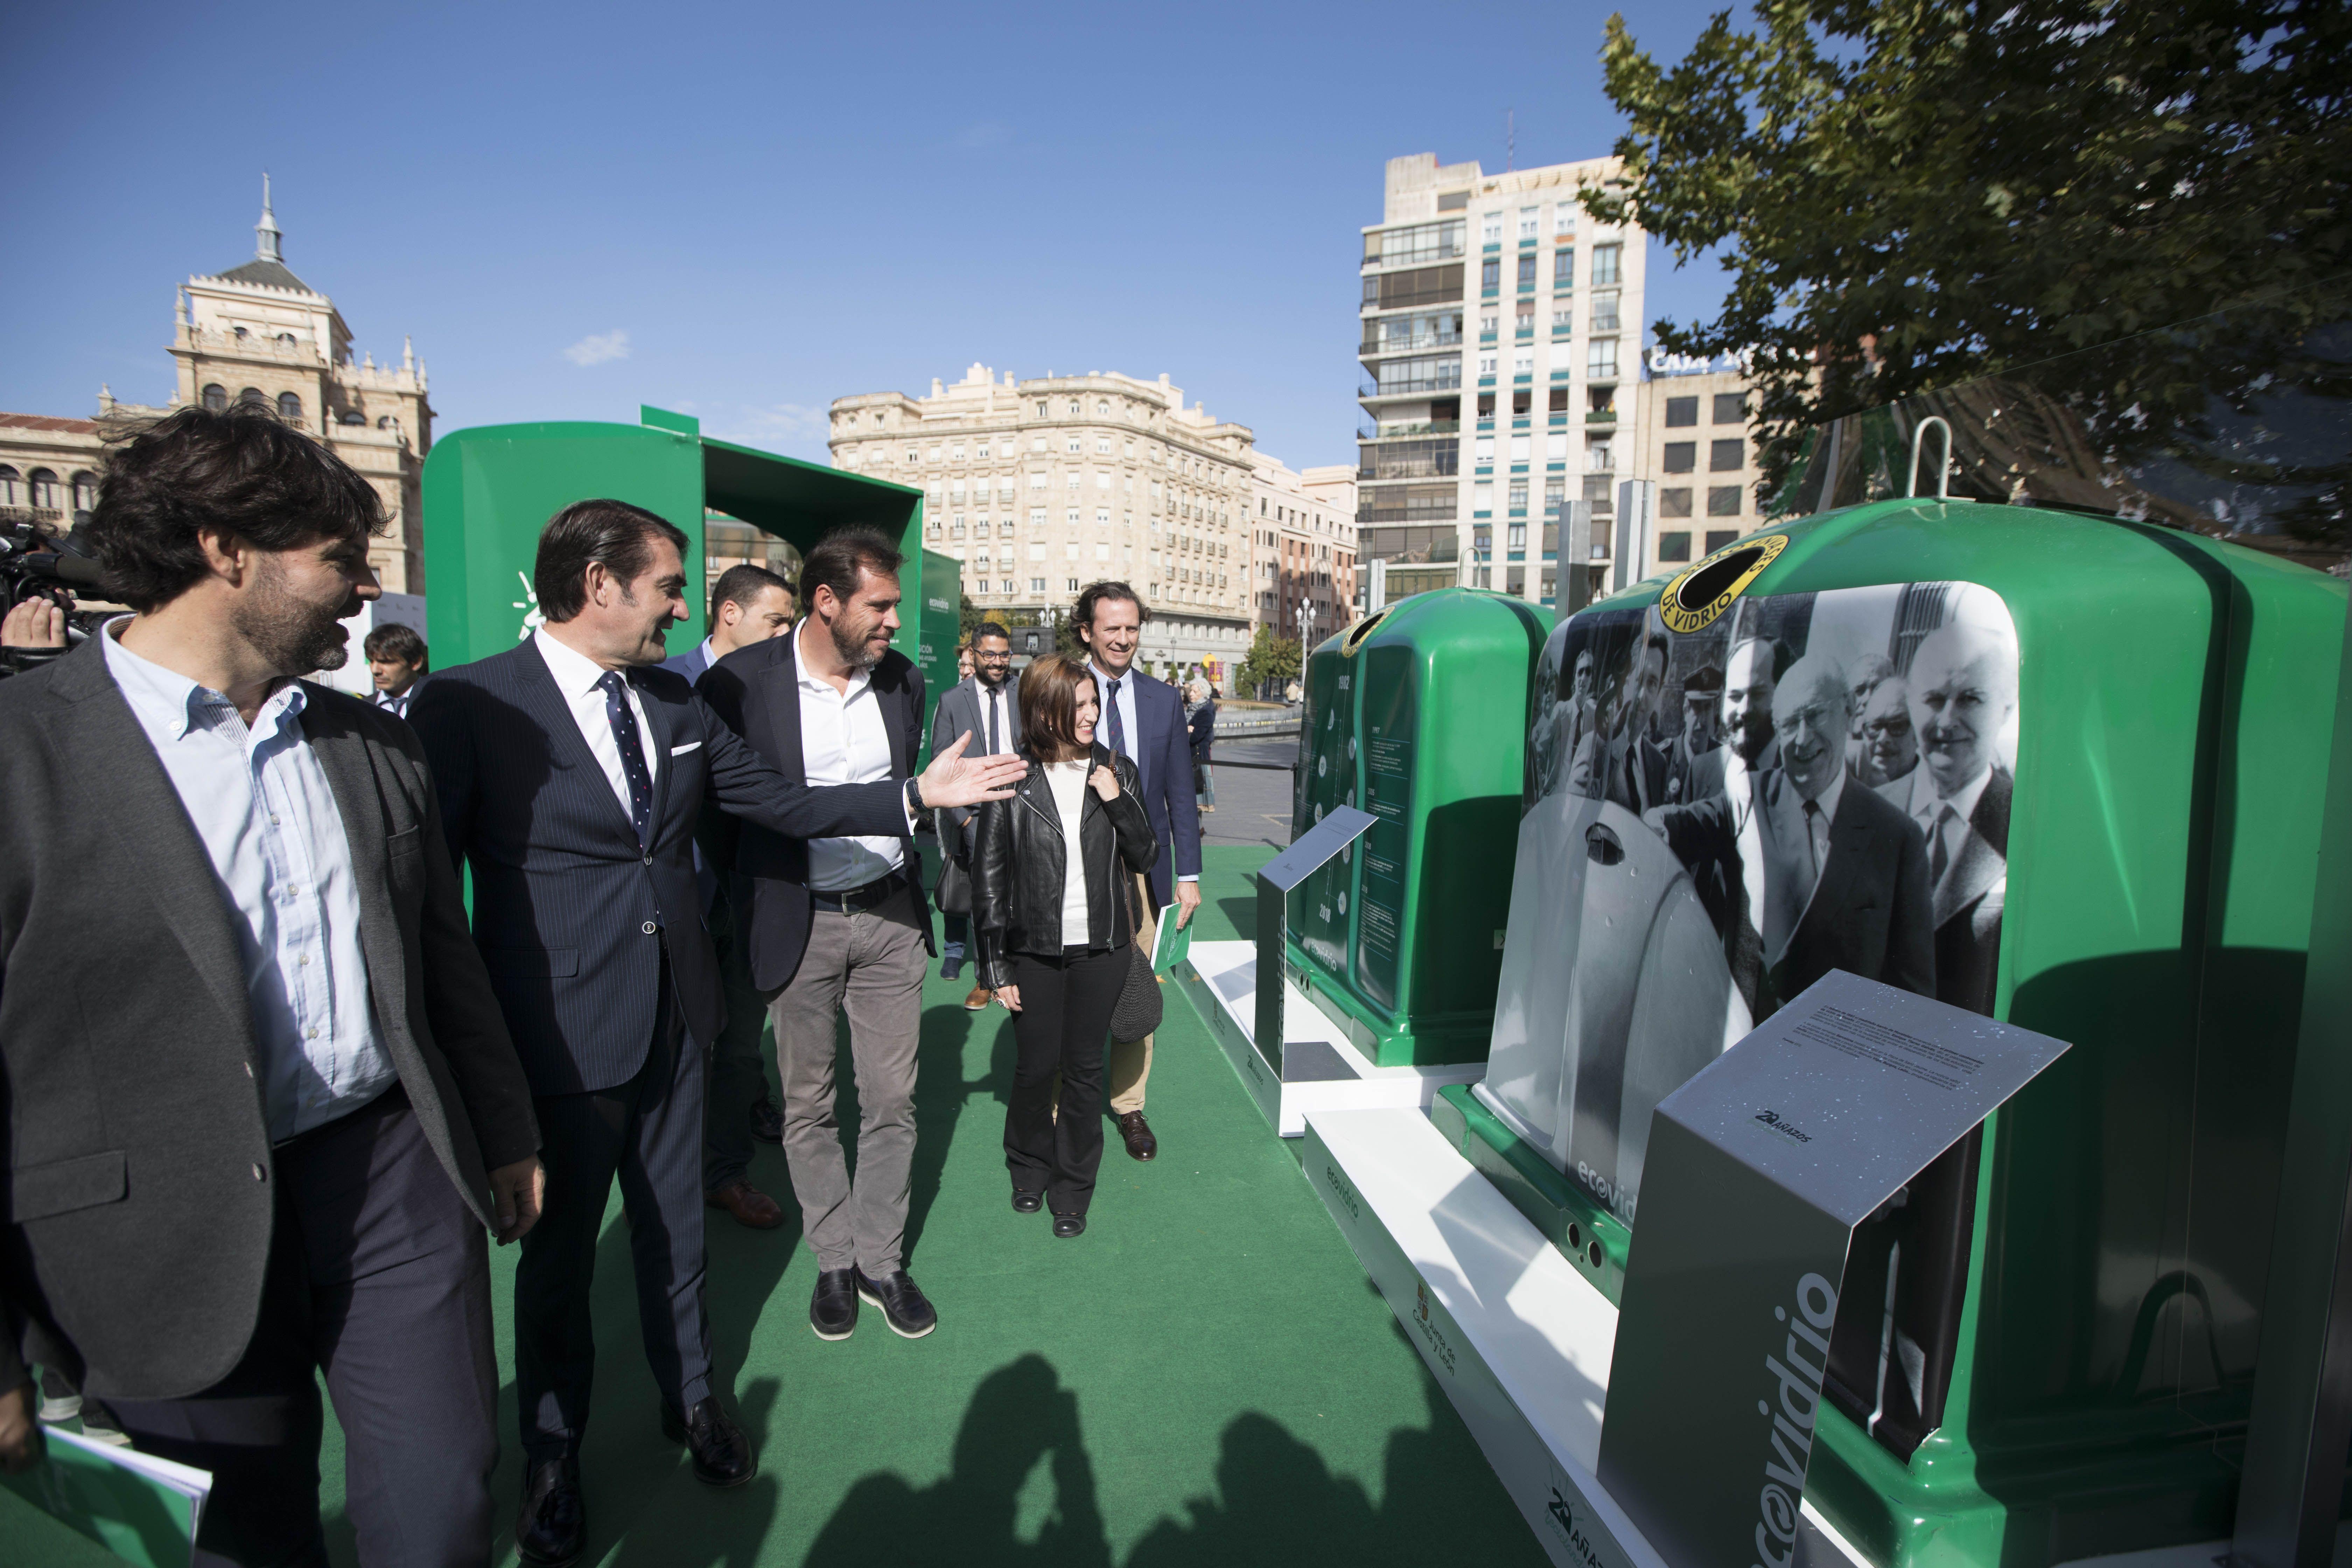 contenedor-verde-de-reciclaje-castilla-y-leon-ECOVIDRIO